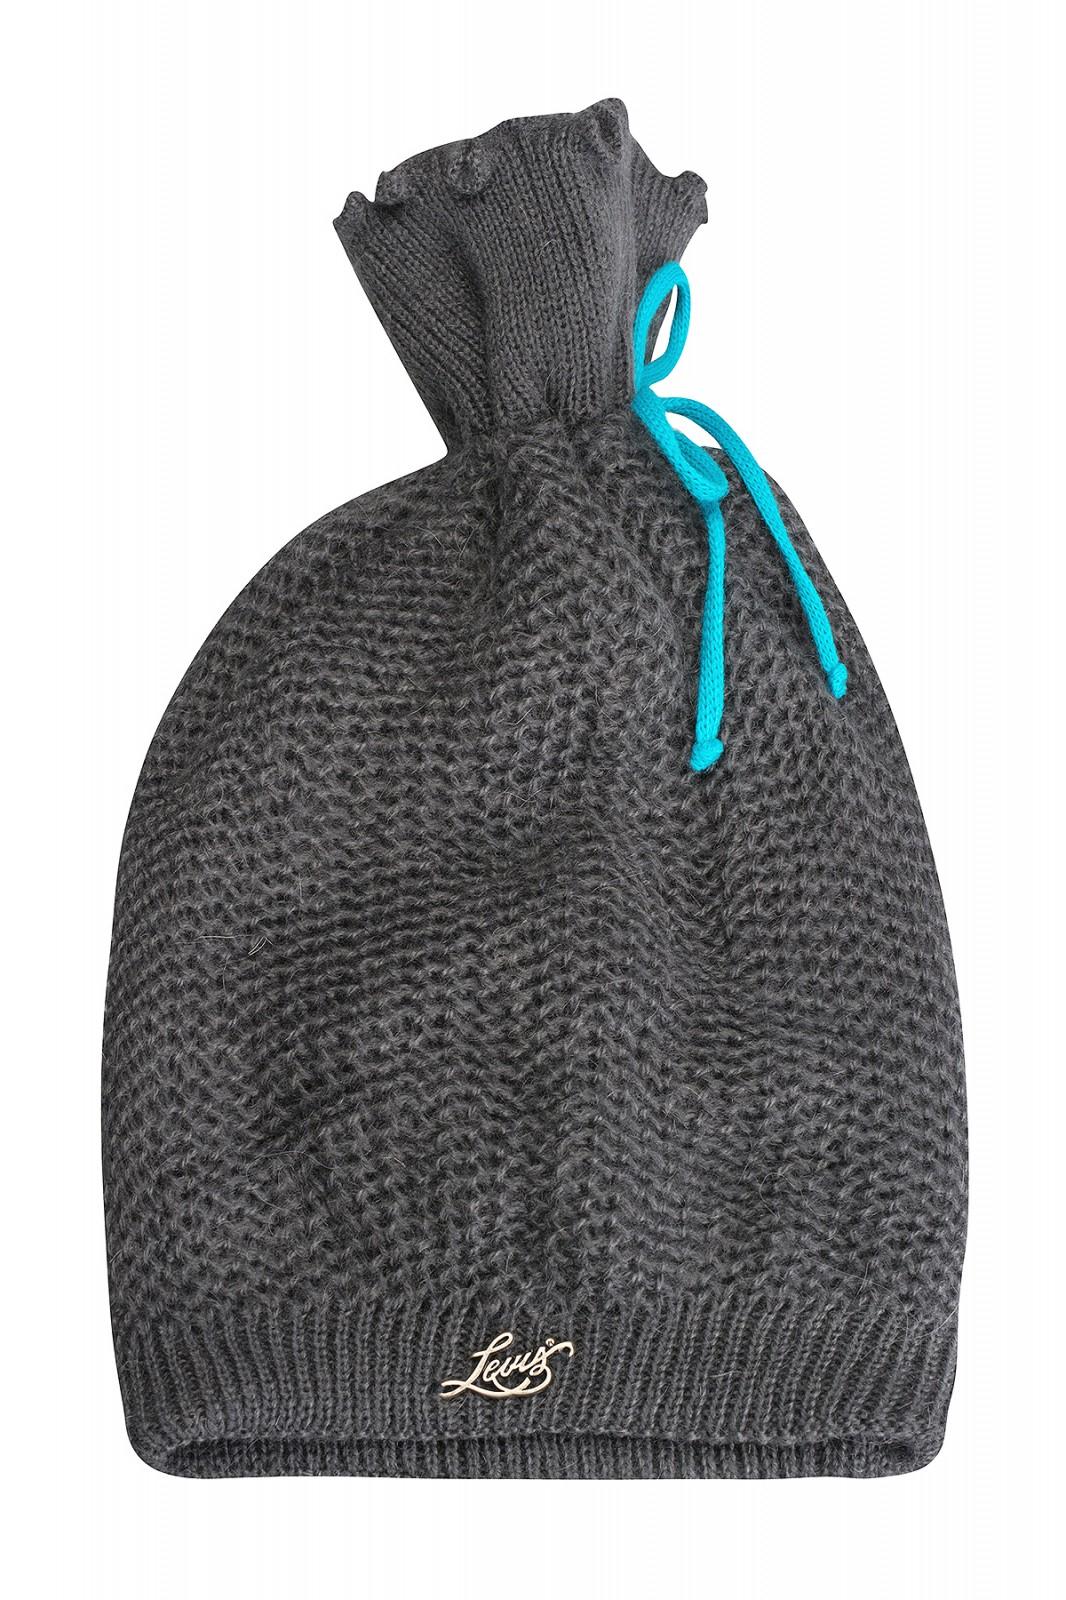 [Outlet46] Levi's Goat Wool Damen Wintermütze Grau 217998/1 56 für 0,99 Euro